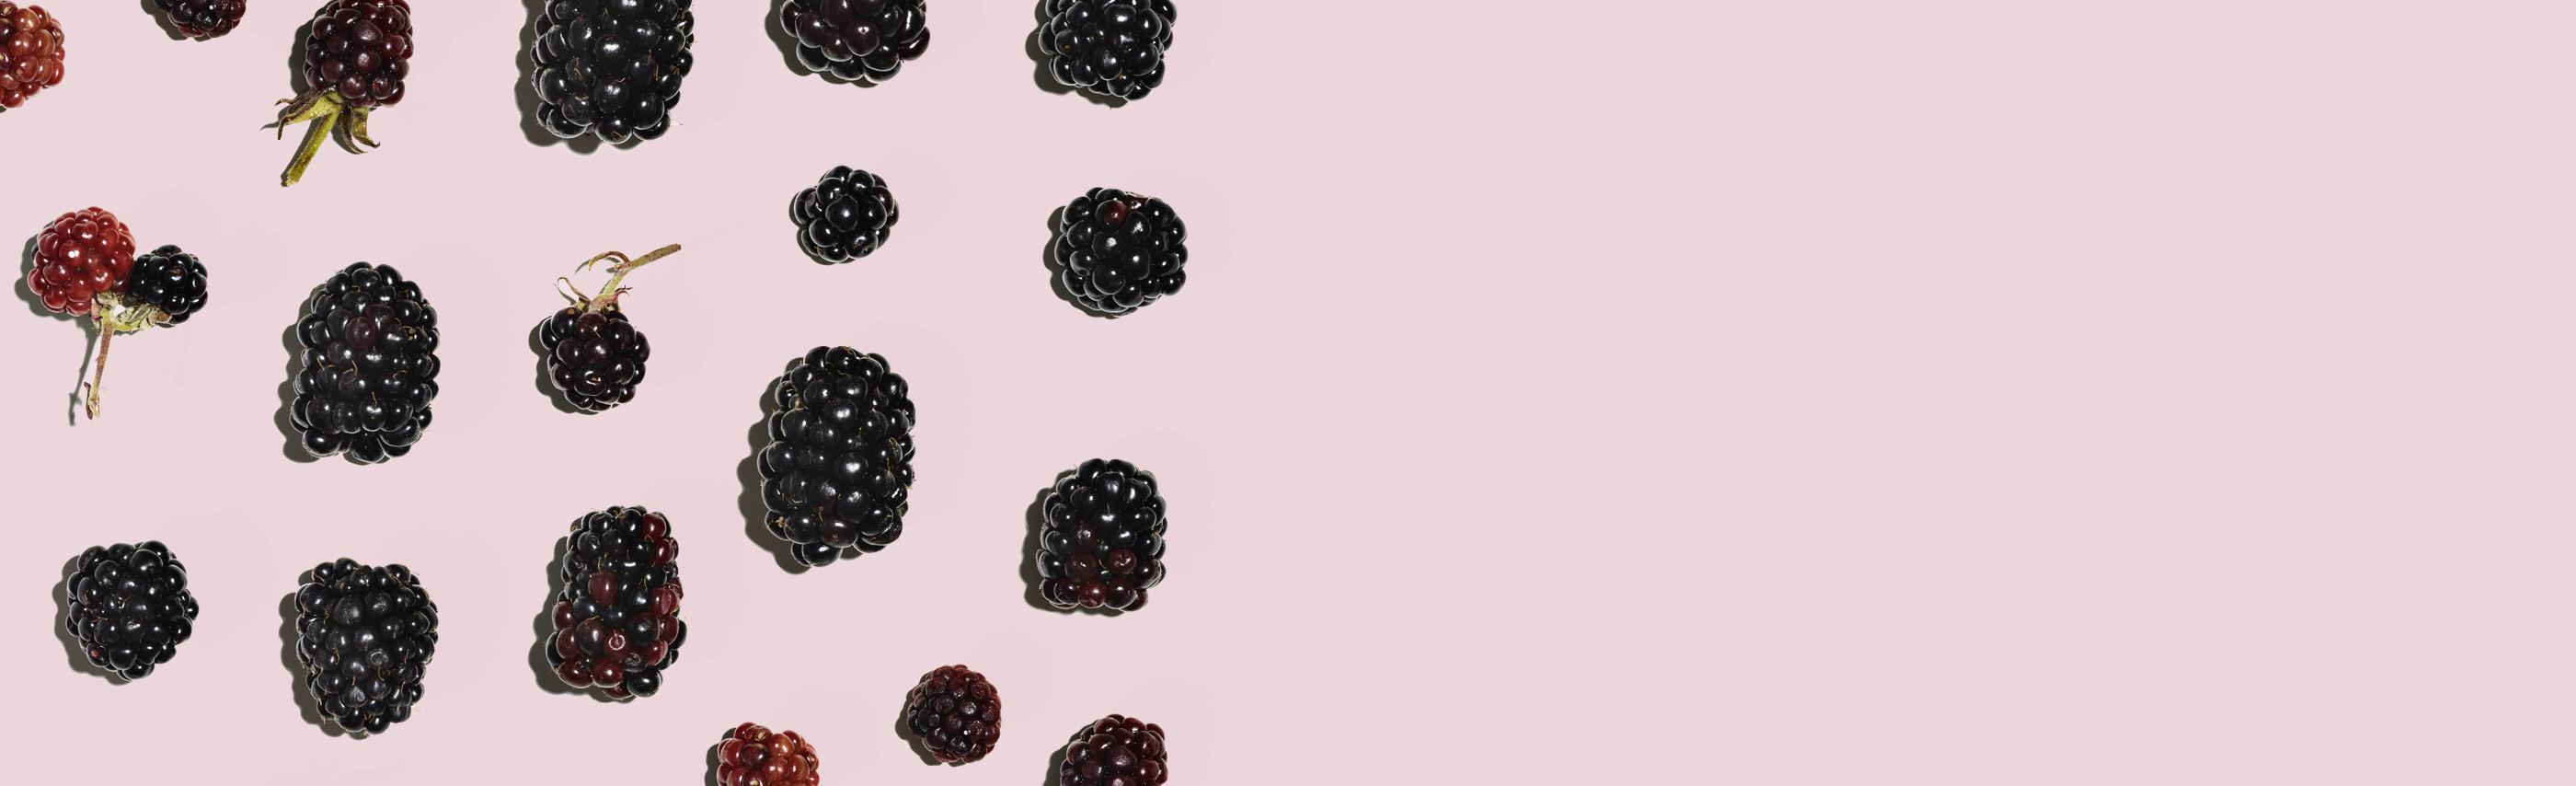 blackberry natural ingredients in aveeno active naturals